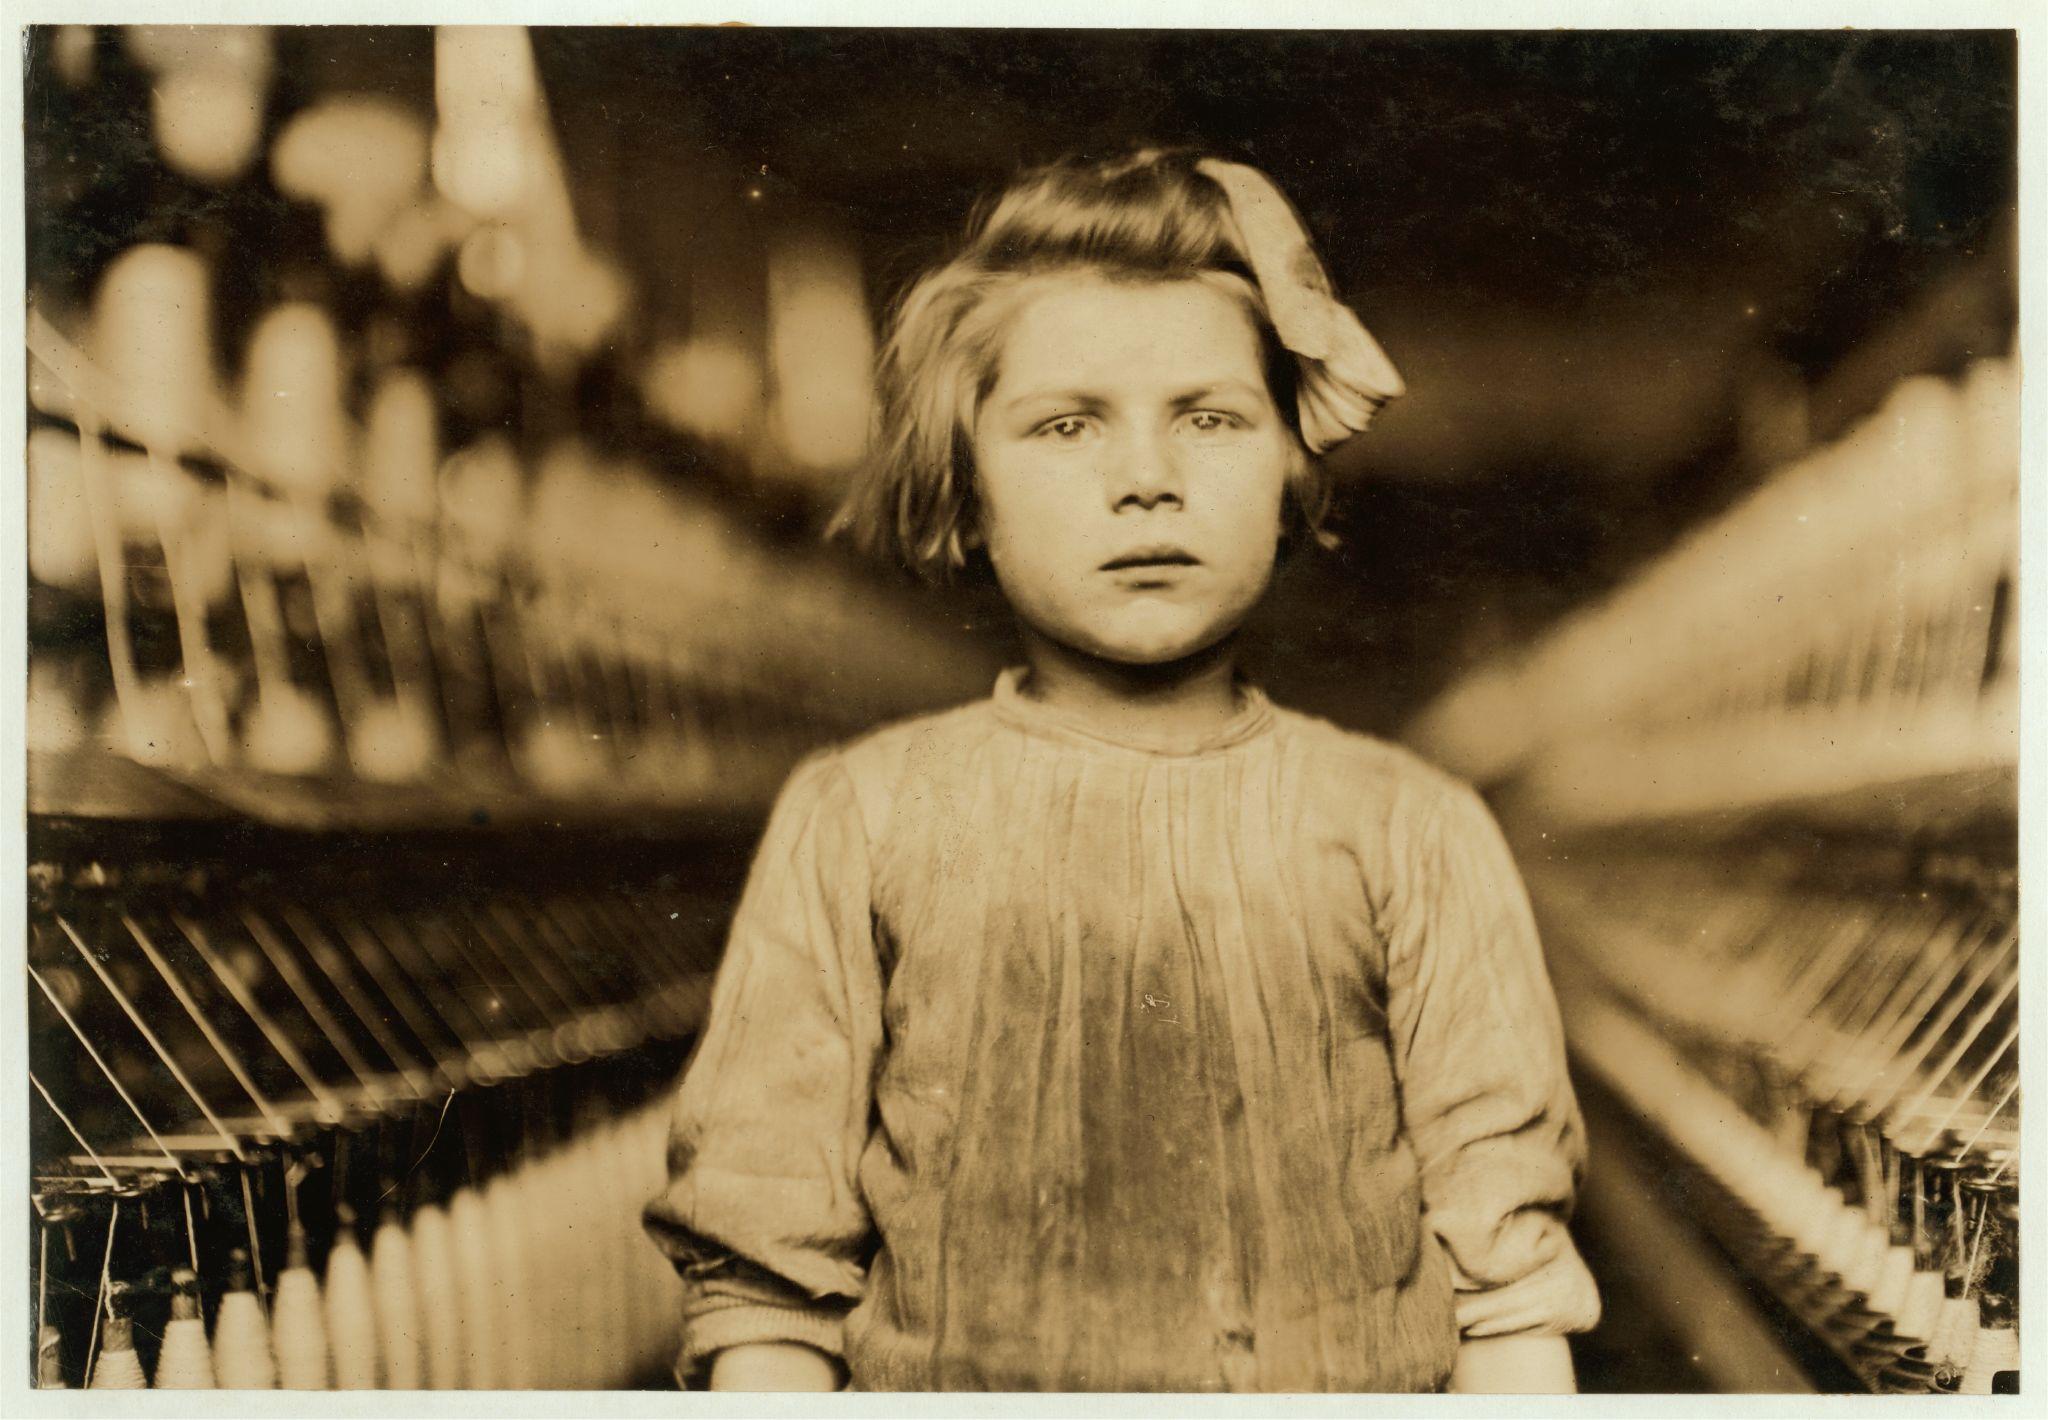 Child Worker, Globe Cotton Mill. Augusta, Ga. Photo by Lewis W. Hine, 1909